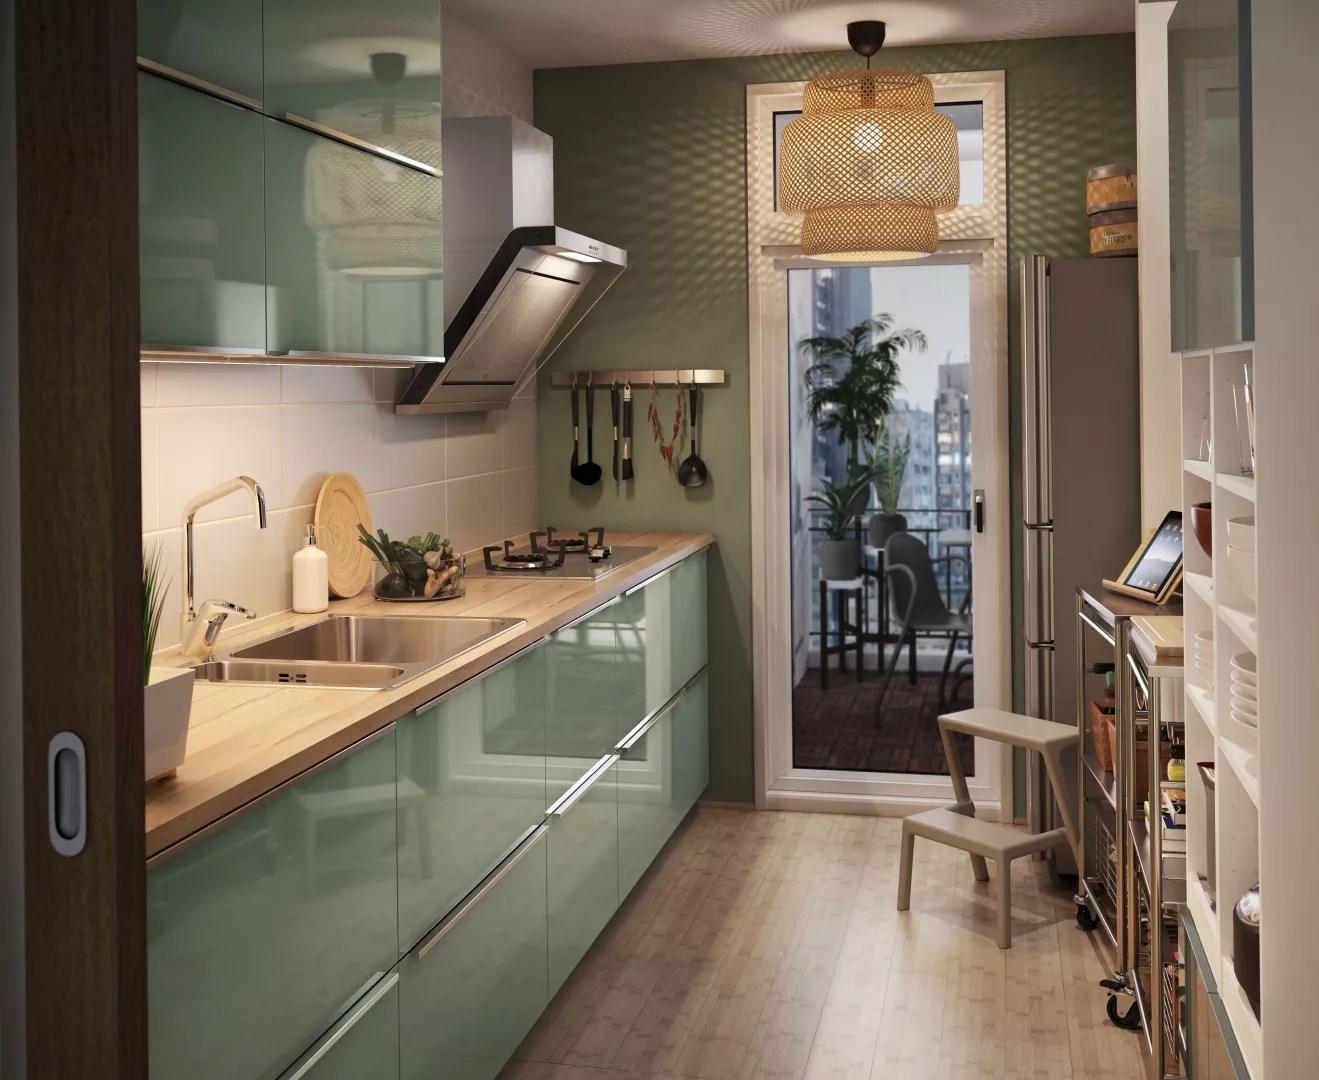 Verwonderend Interieur | Ikea lanceert design keuken met karakter • Stijlvol ME-62